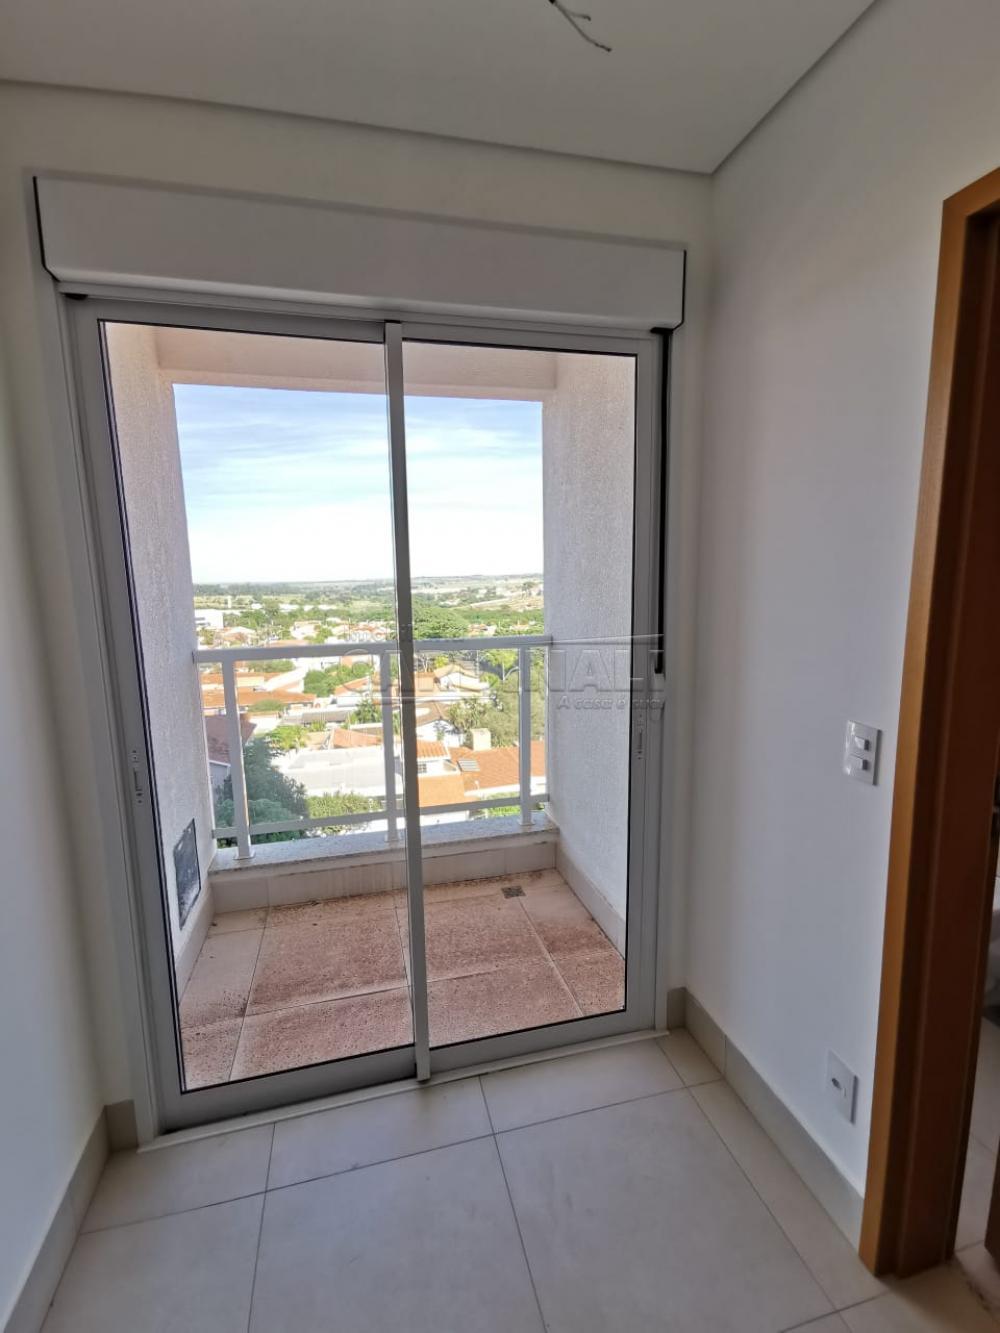 Alugar Apartamento / Padrão em Araraquara R$ 2.800,00 - Foto 16